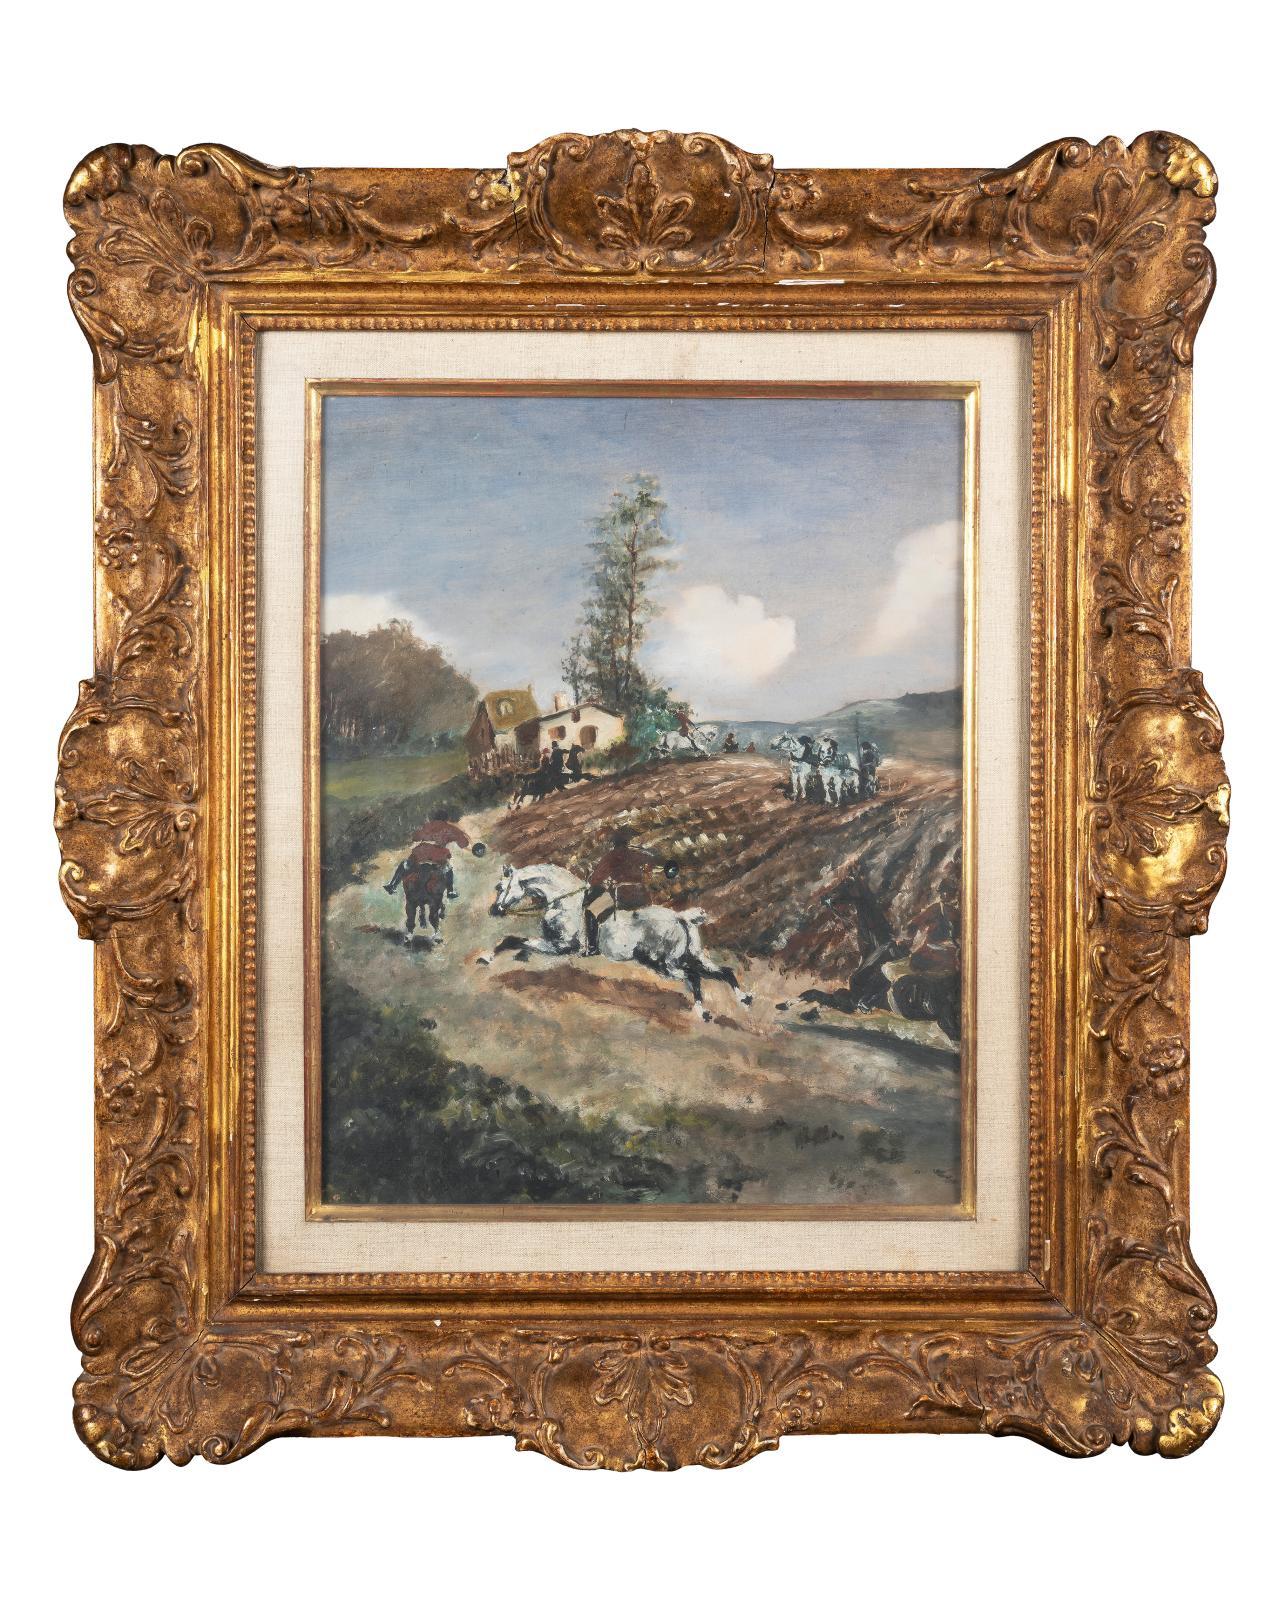 Henri de Toulouse-Lautrec (1864-1901), Chasse à courre, huile sur toile marouflée sur carton, vers 1881, 41,5x32cm. Estimation: 40000/60000€